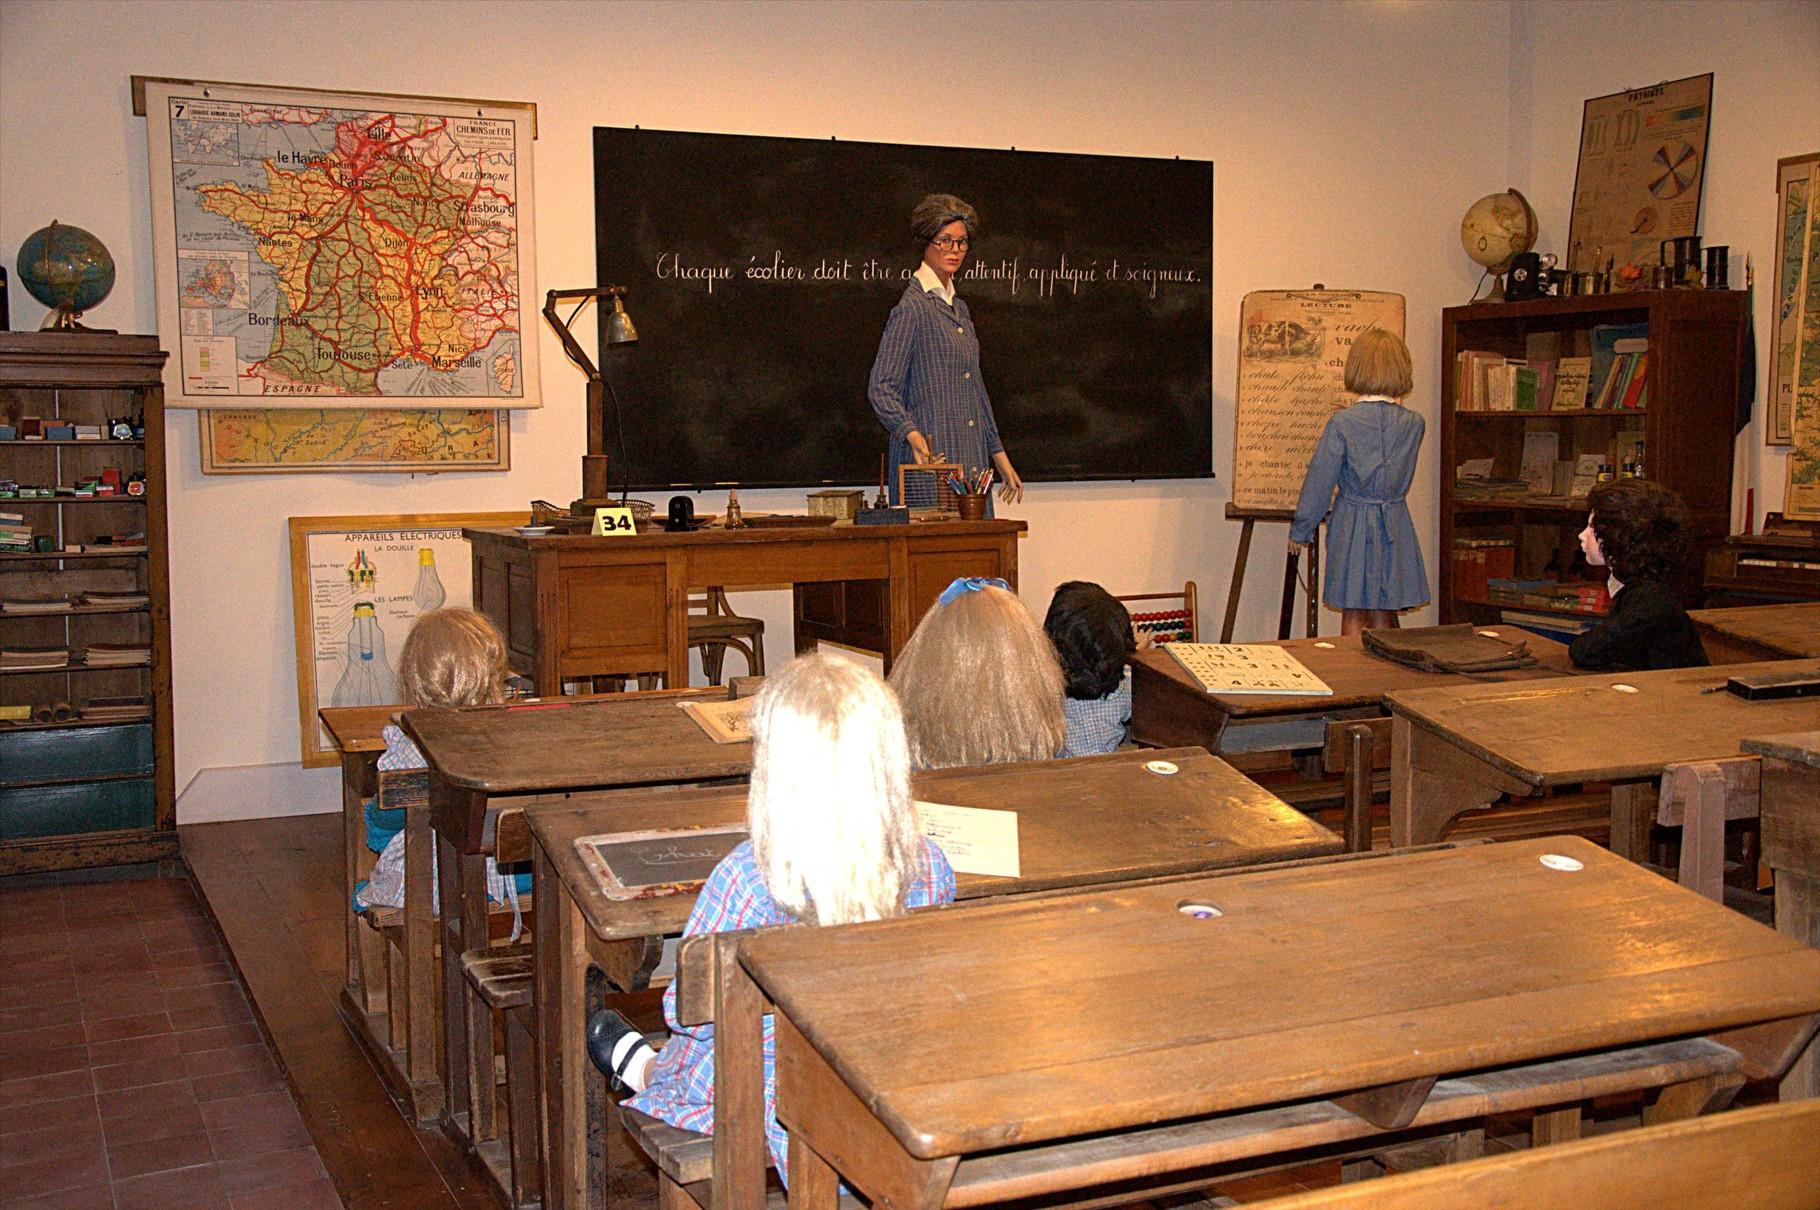 Le décor de la classe est resté quasiment identique jusqu'aux années 1960